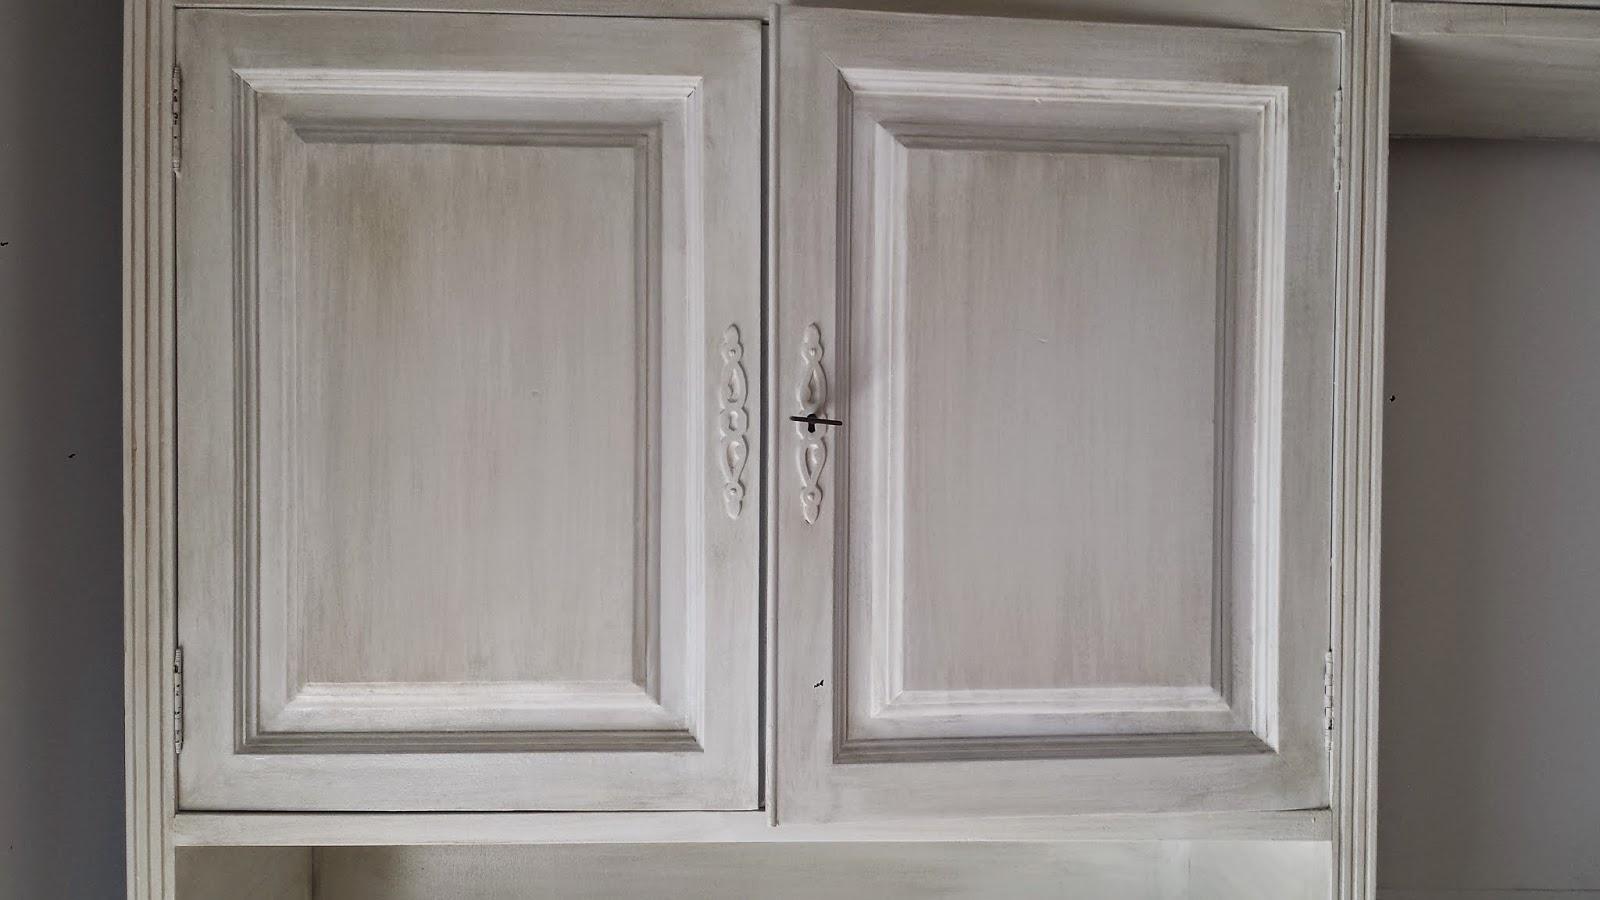 Candini muebles pintados nuevos y redecorados muebles - Mueble blanco decapado ...